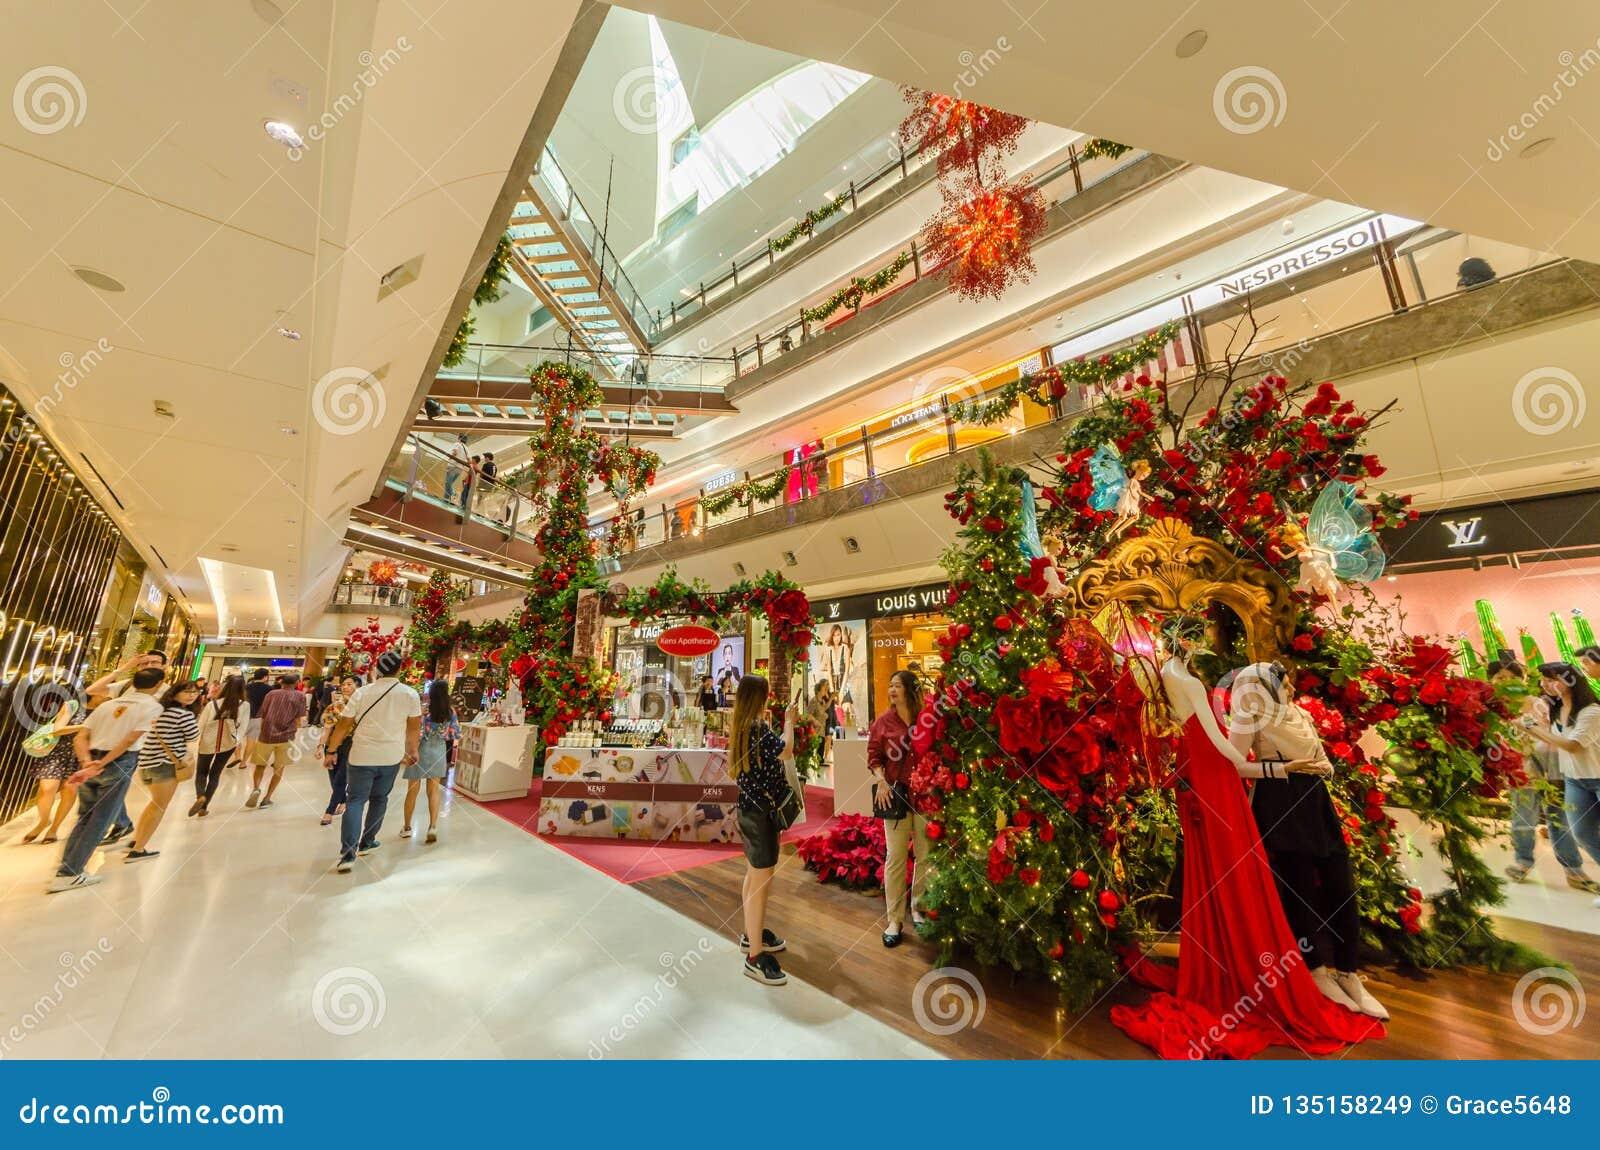 Gardens Mall Christmas 2